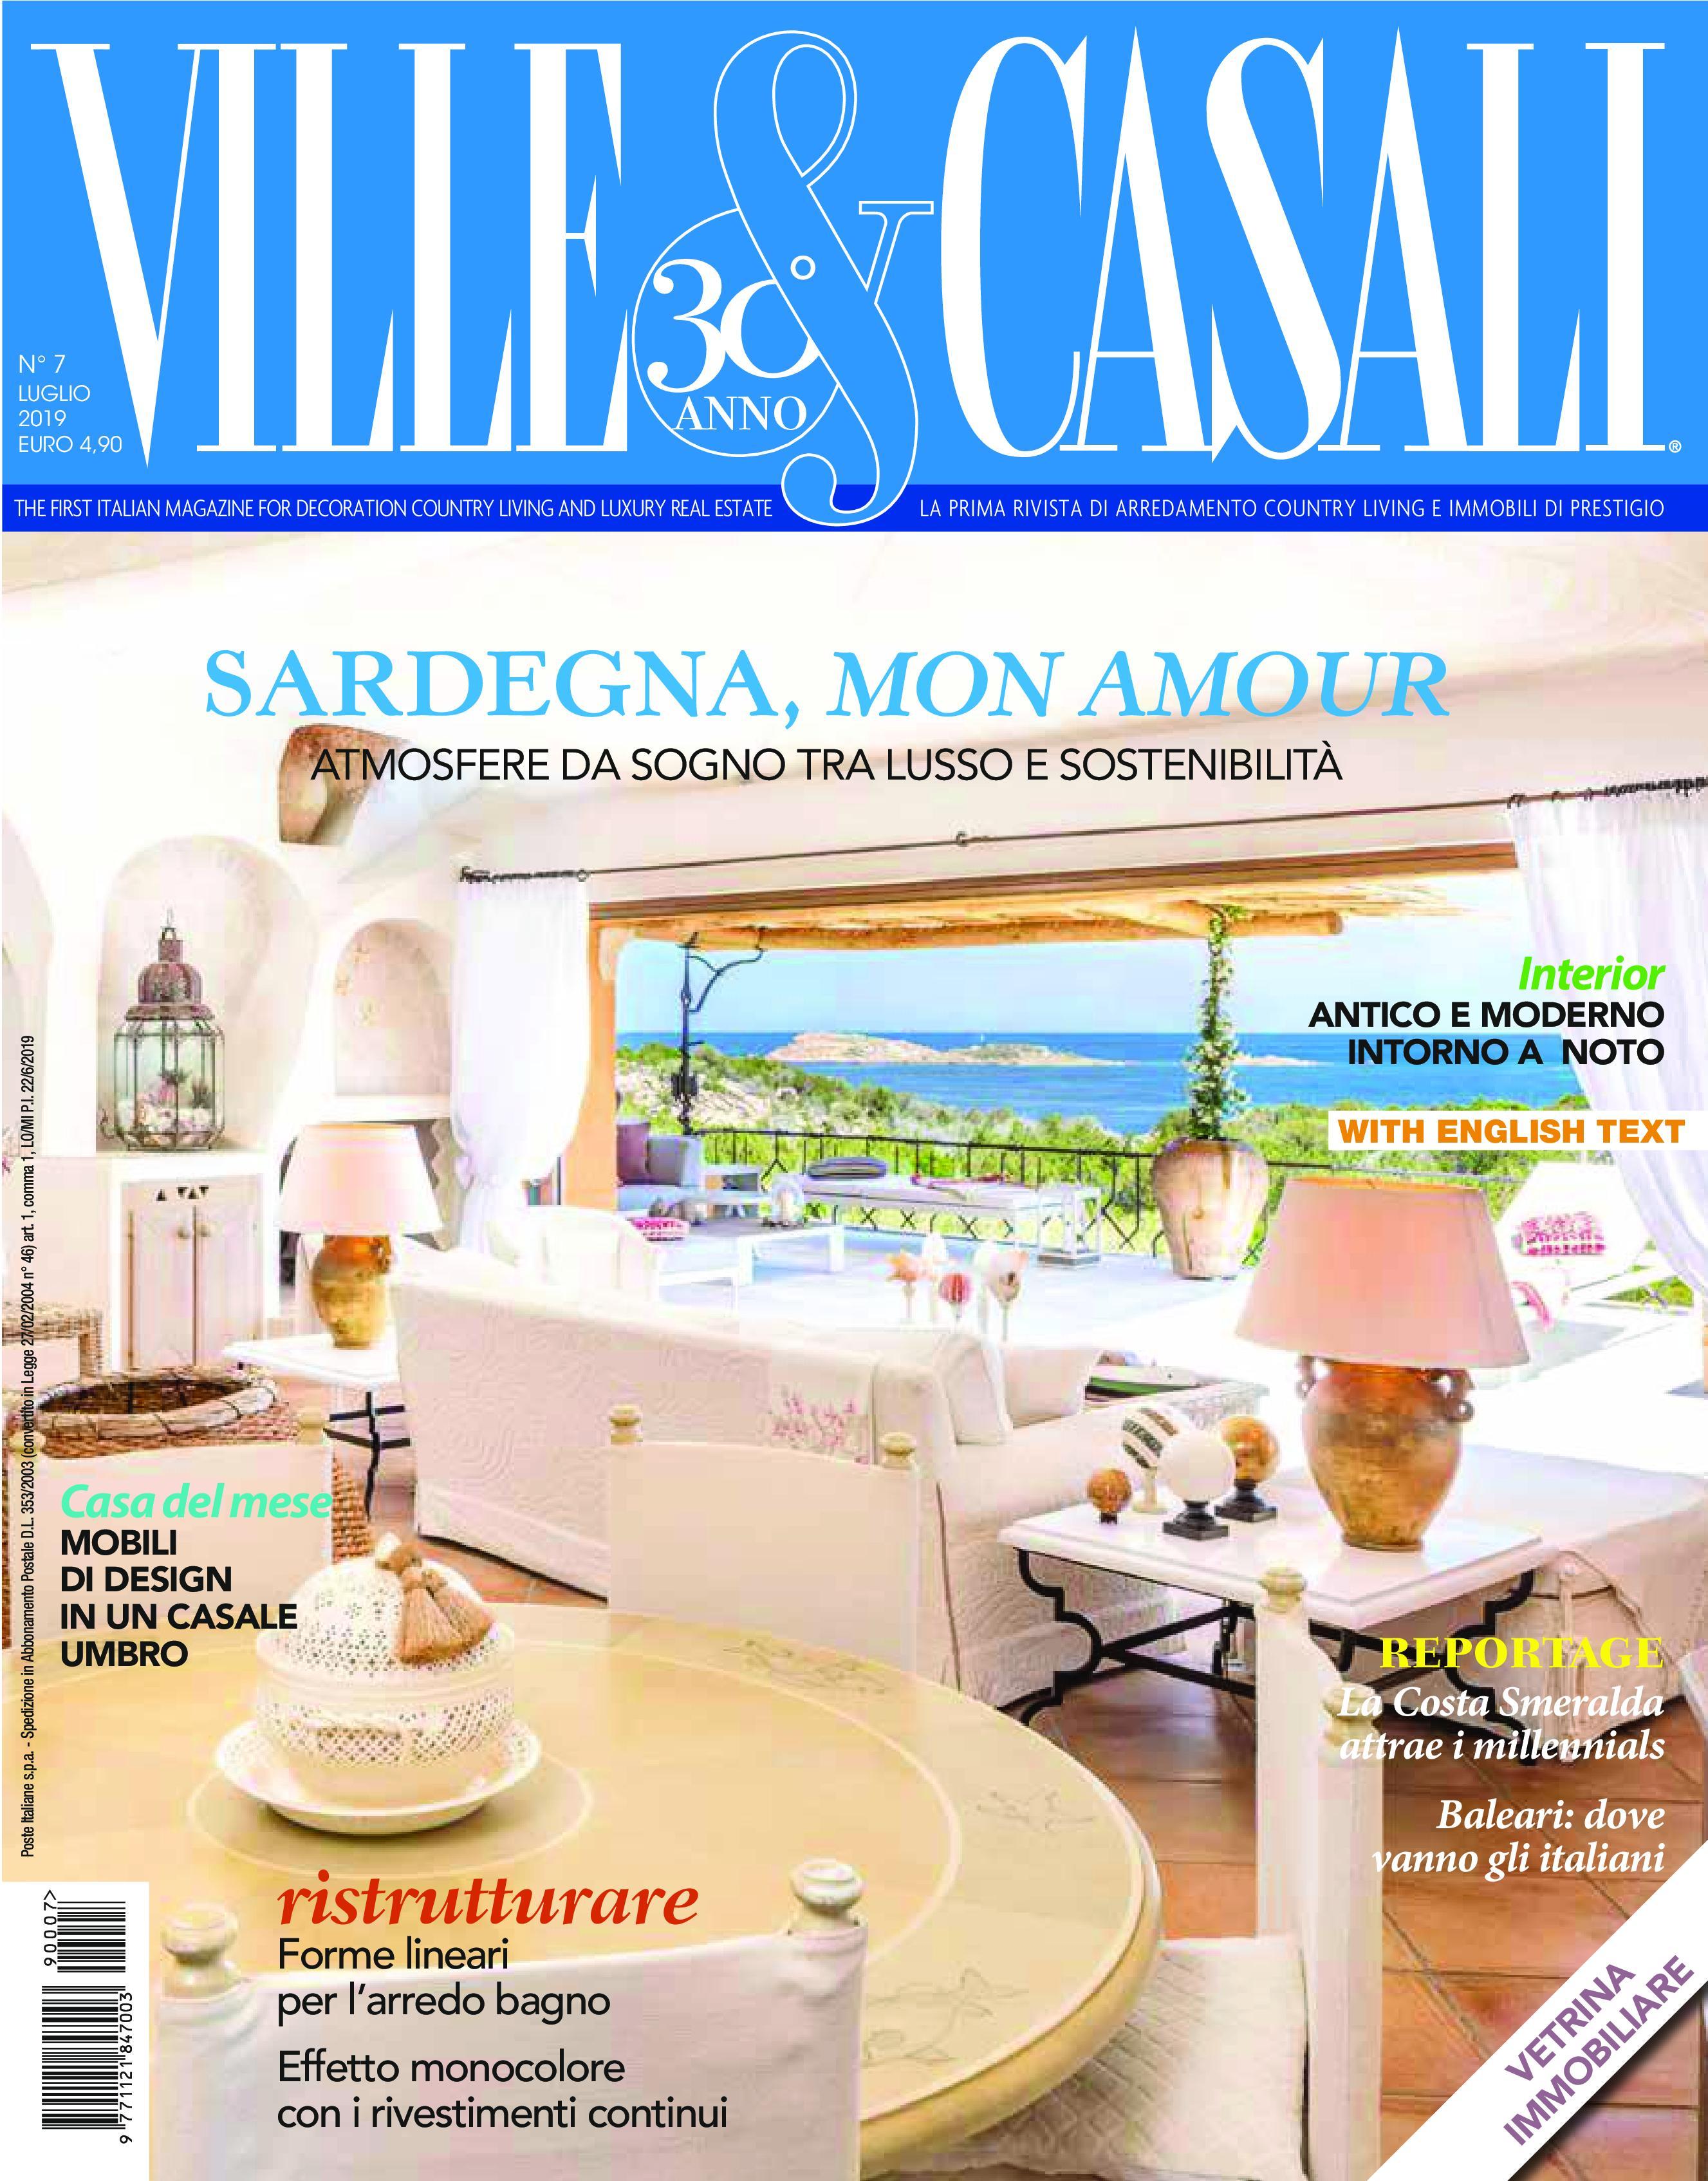 Ville & Casali - Luglio 2019